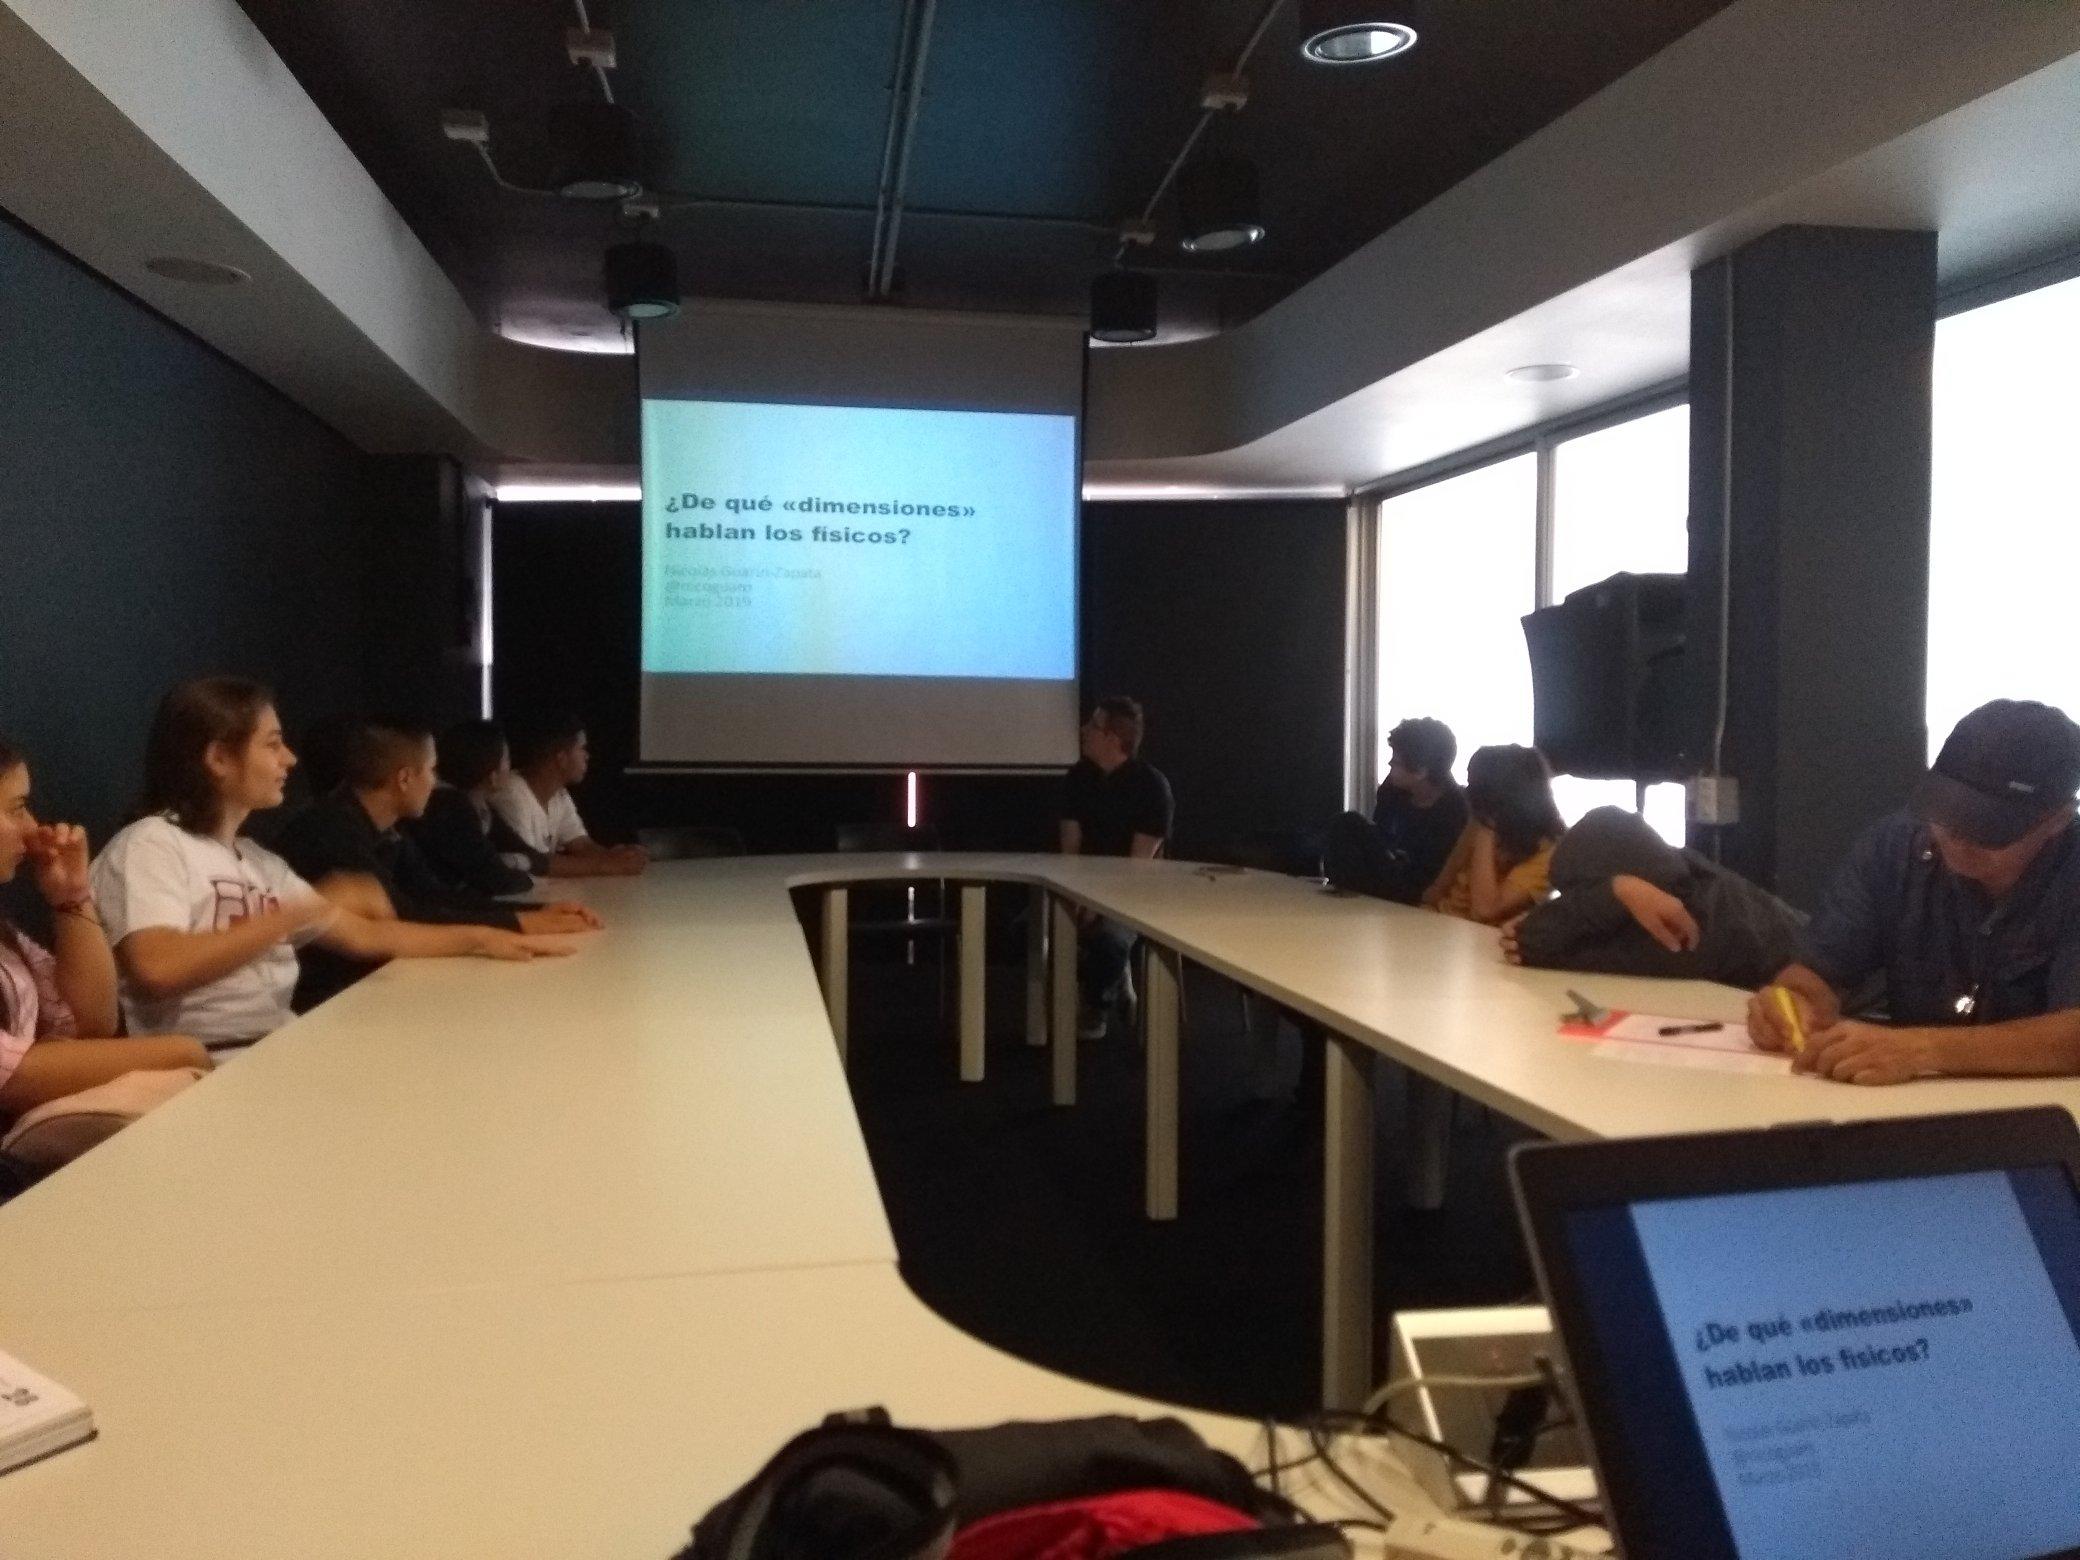 Inicio de la sesión, primera diapositiva y conferencista Nicolas Guarin.